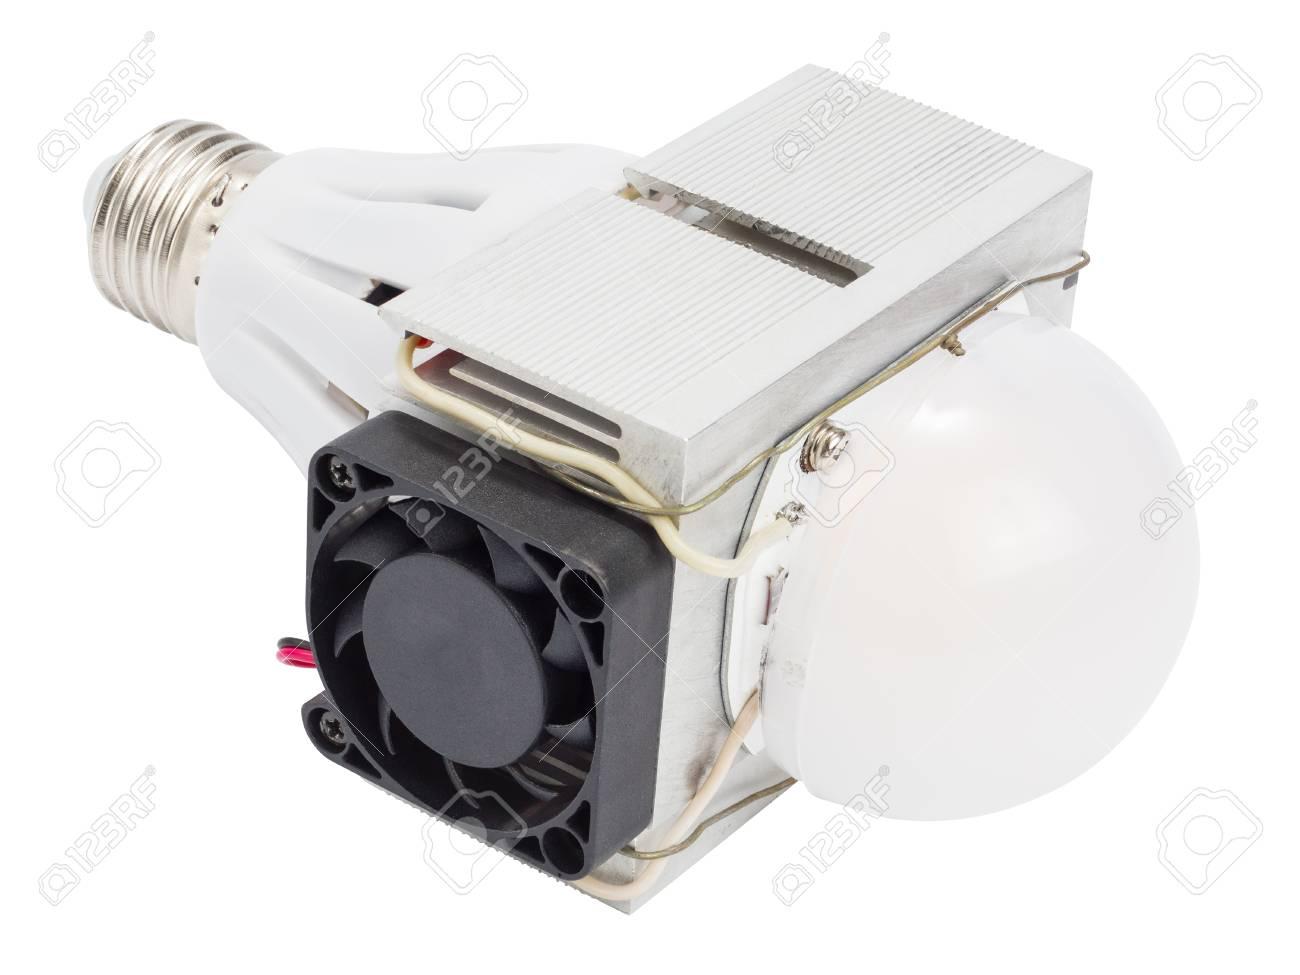 Lampe Sur À Un Diy Dissipateur Actif La Énorme Refroidissement Et Rapide De Main Ventilateur Conduit Avec ElleAssemblage Laid DésordreLed Le 7gYbI6fyv